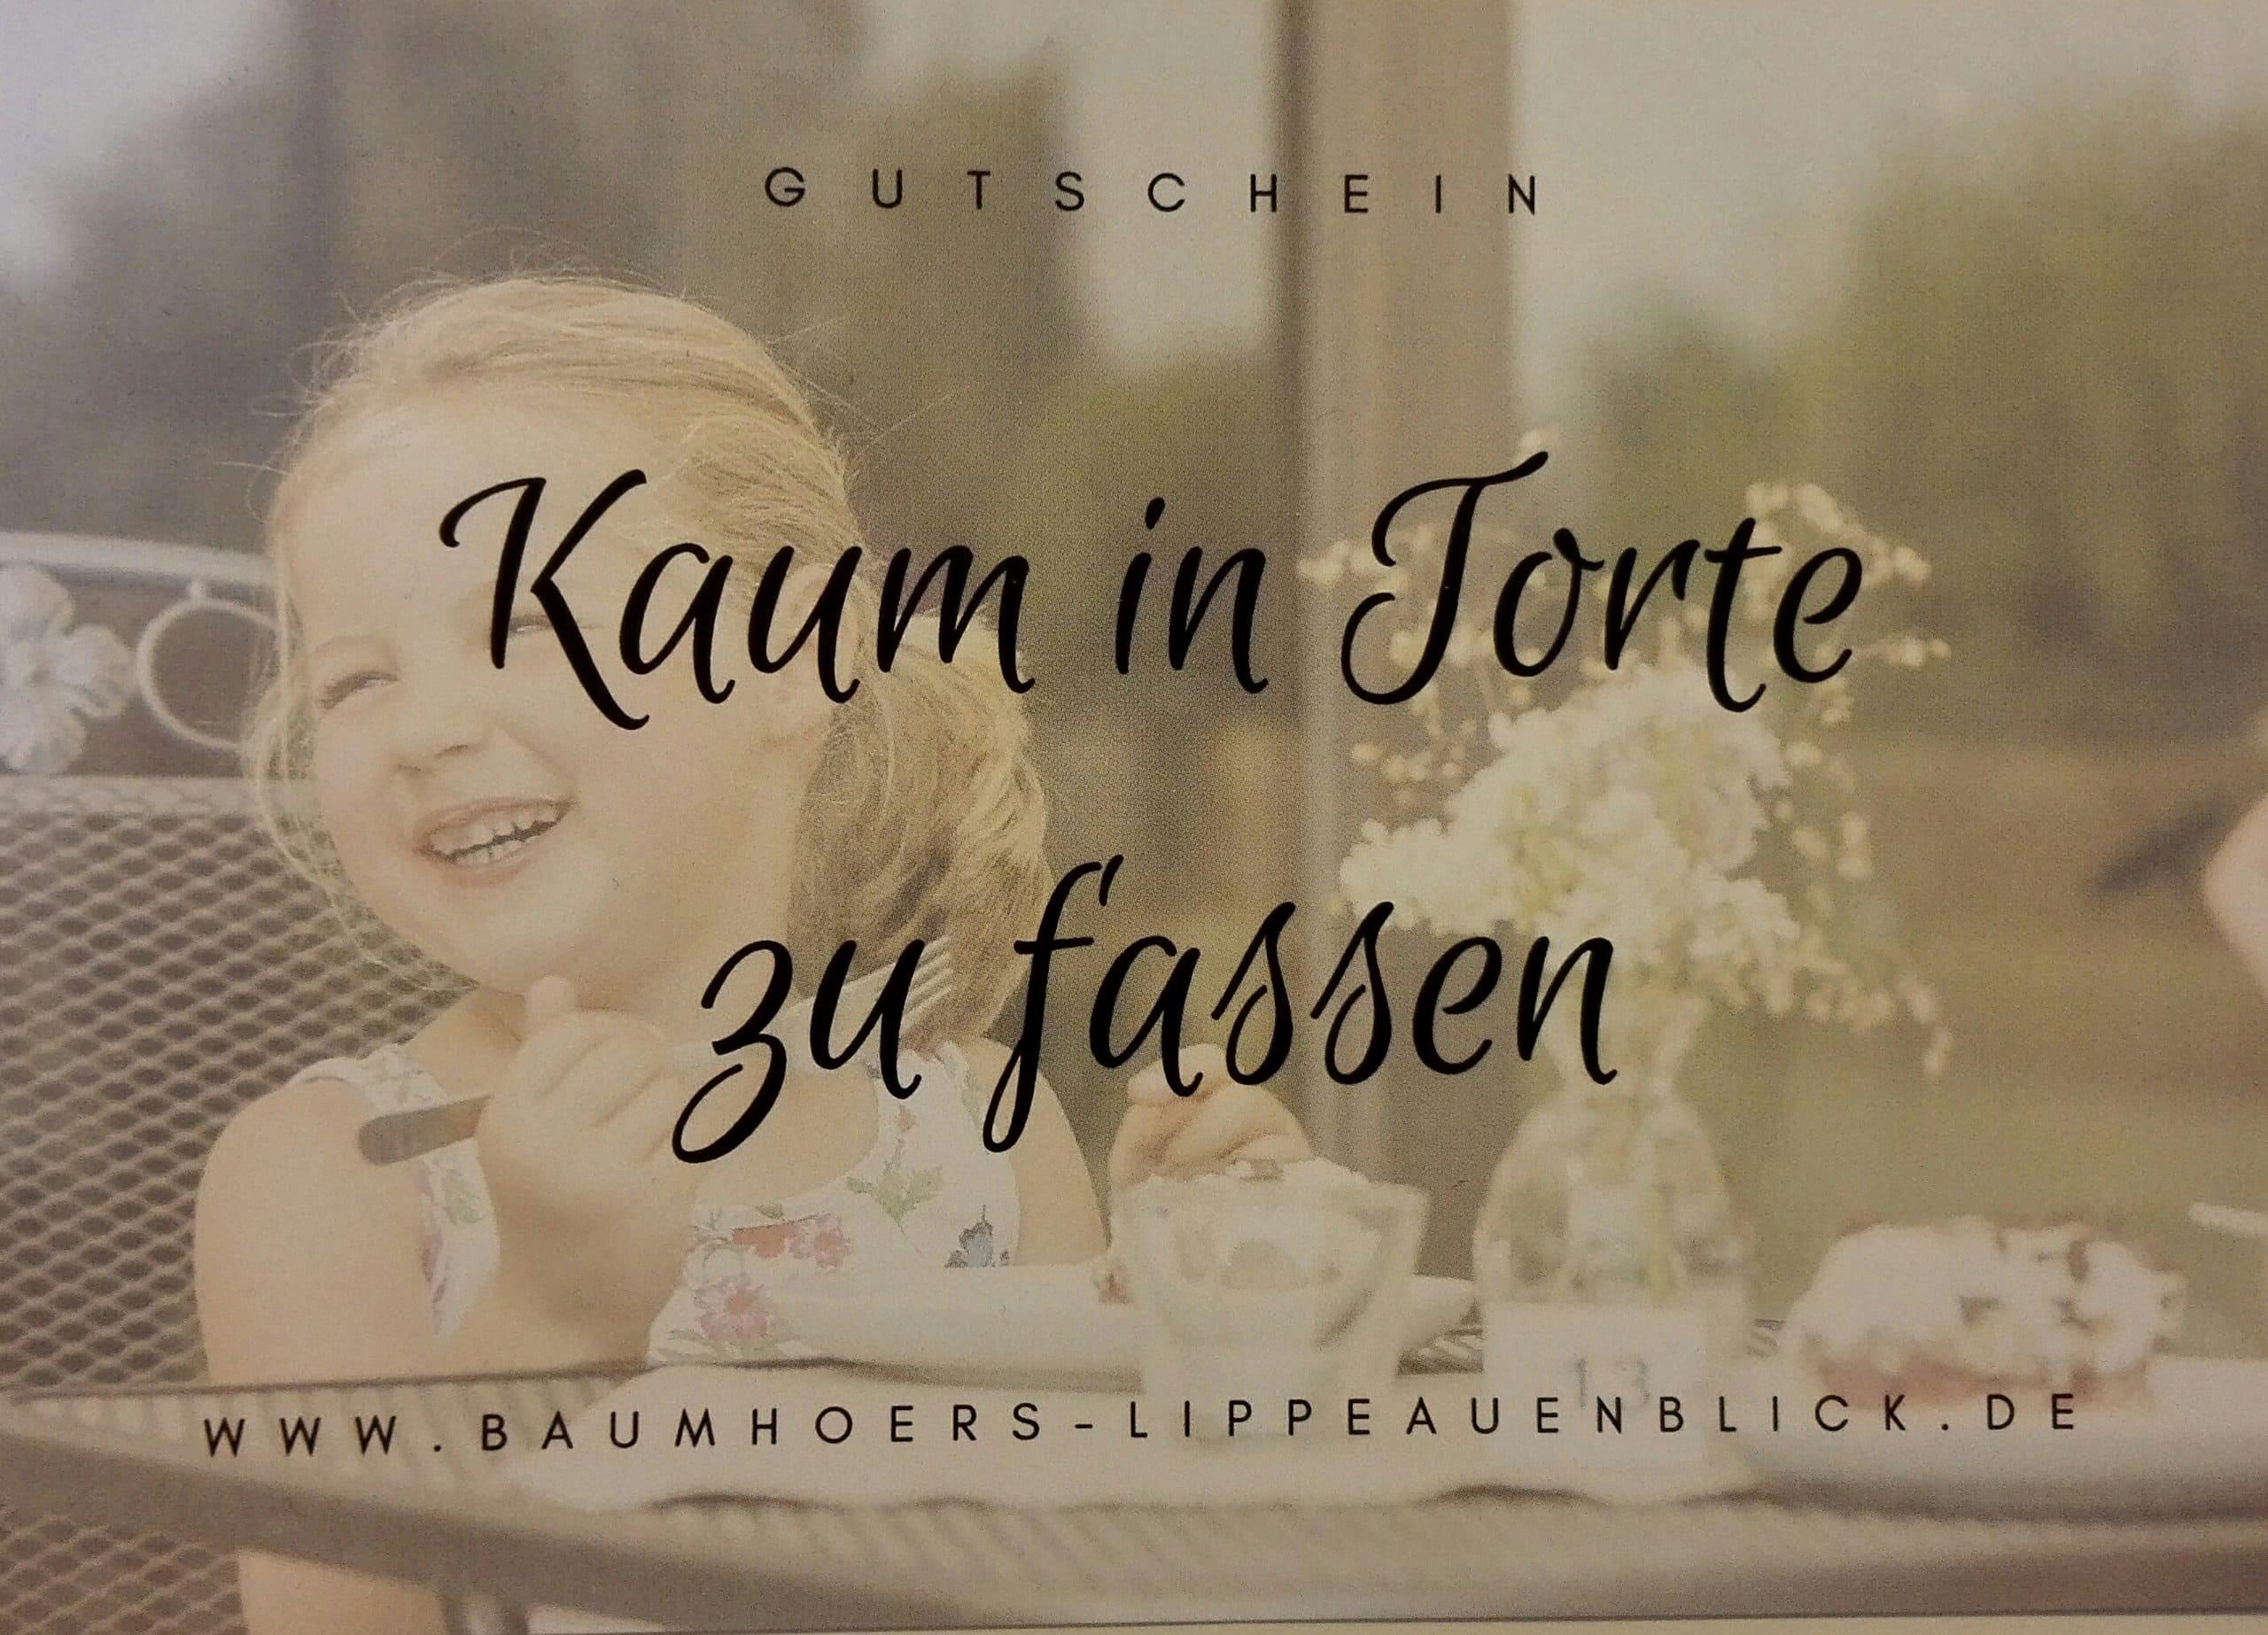 Gutschein Café